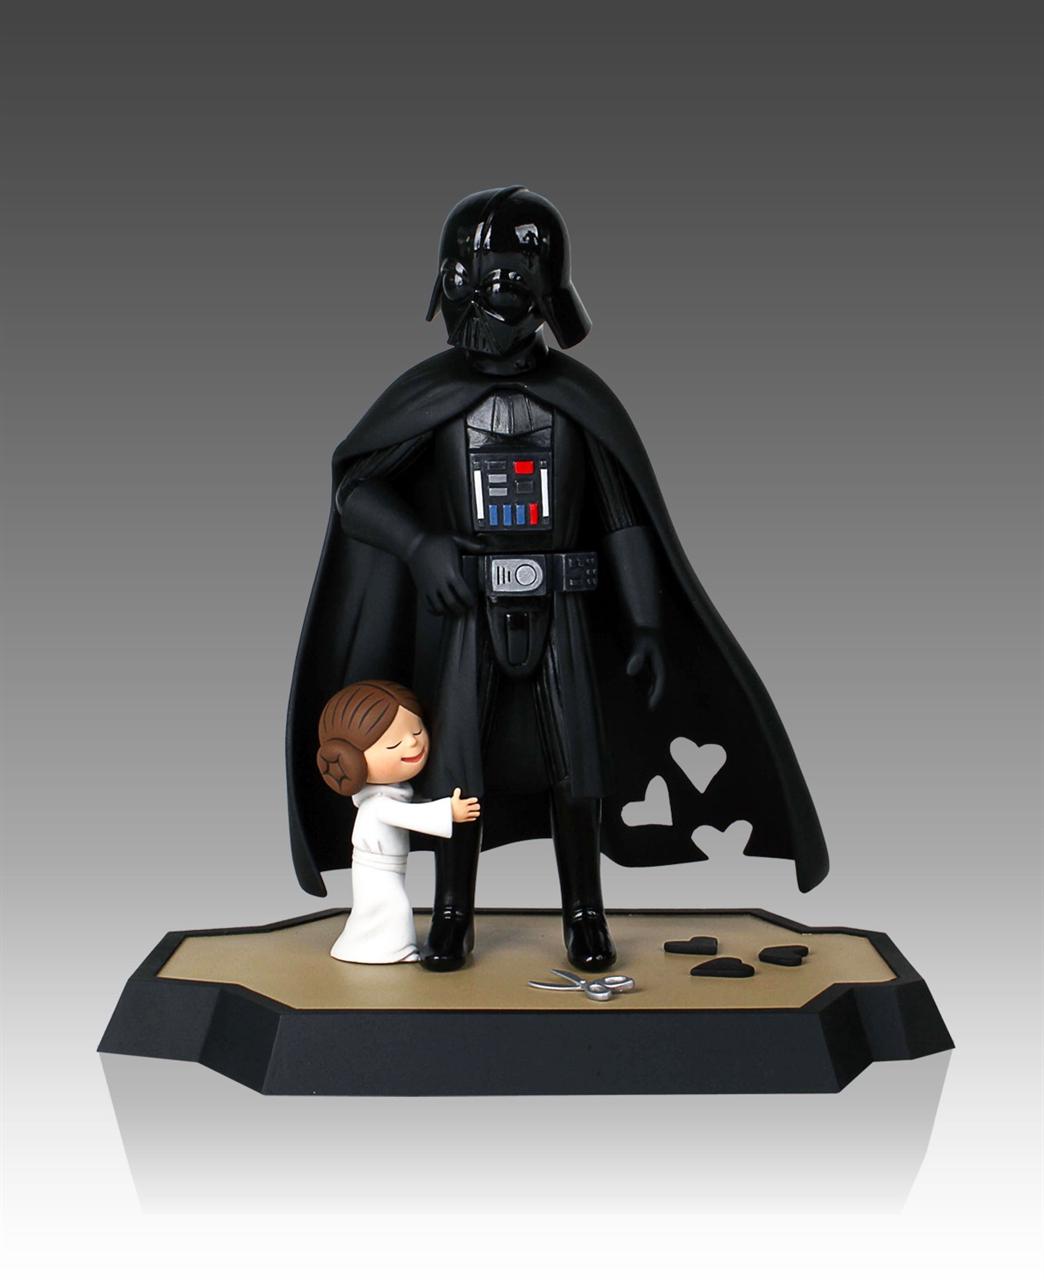 Imagen de Star Wars Maquette y Libro Darth Vader´s Little Princess